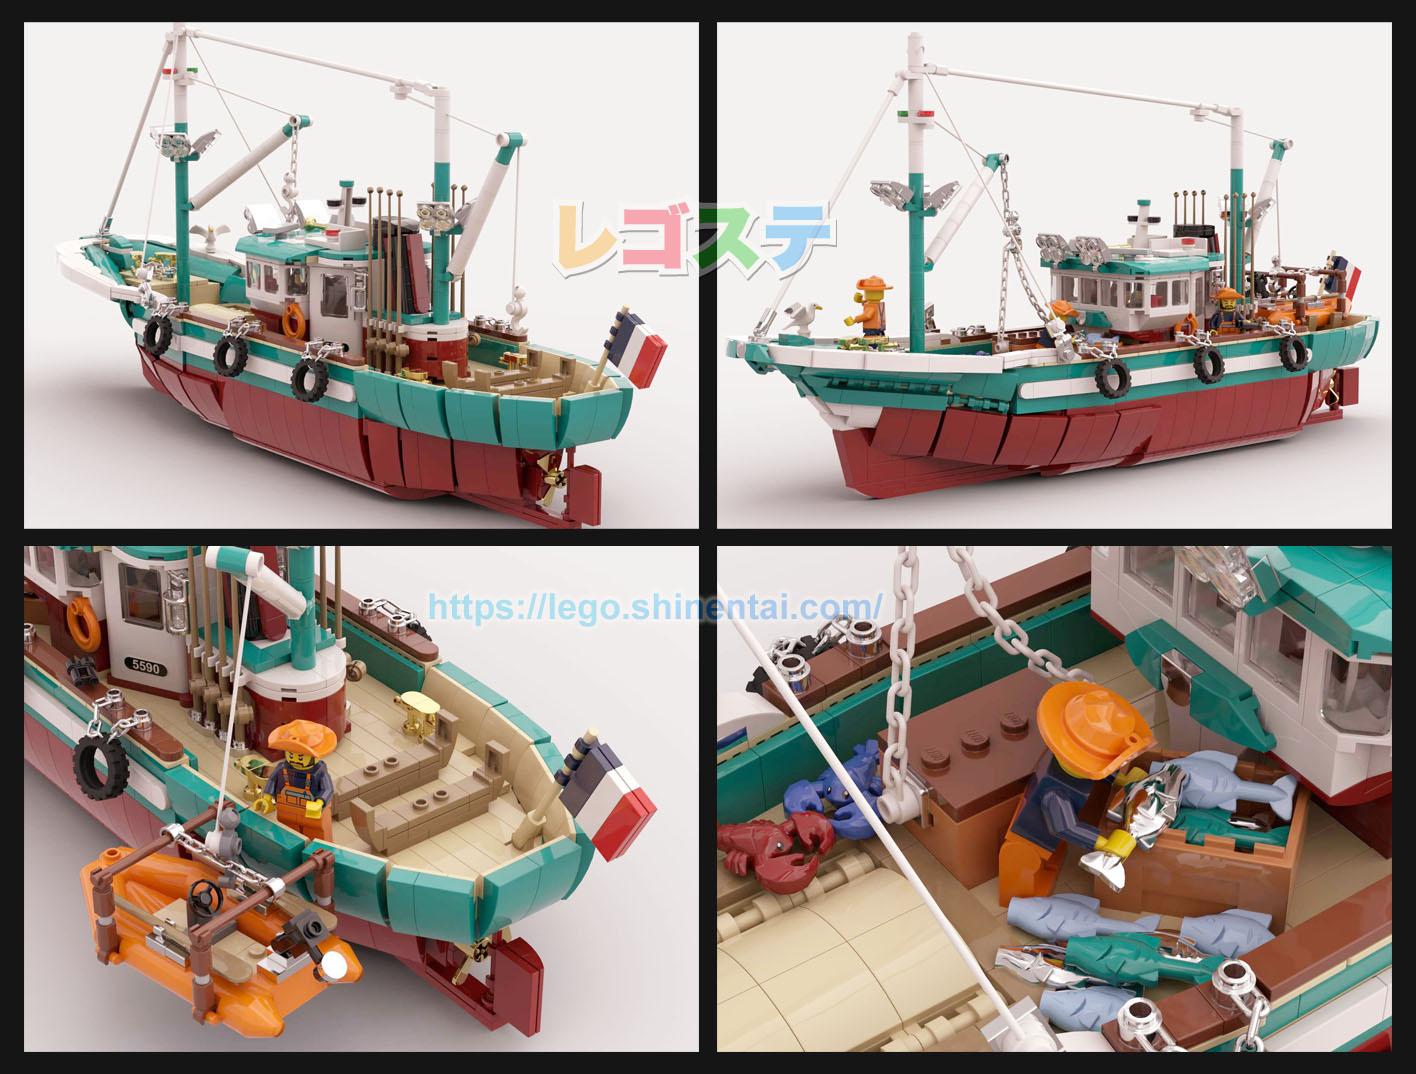 大型漁船:The Great Fishing Boat